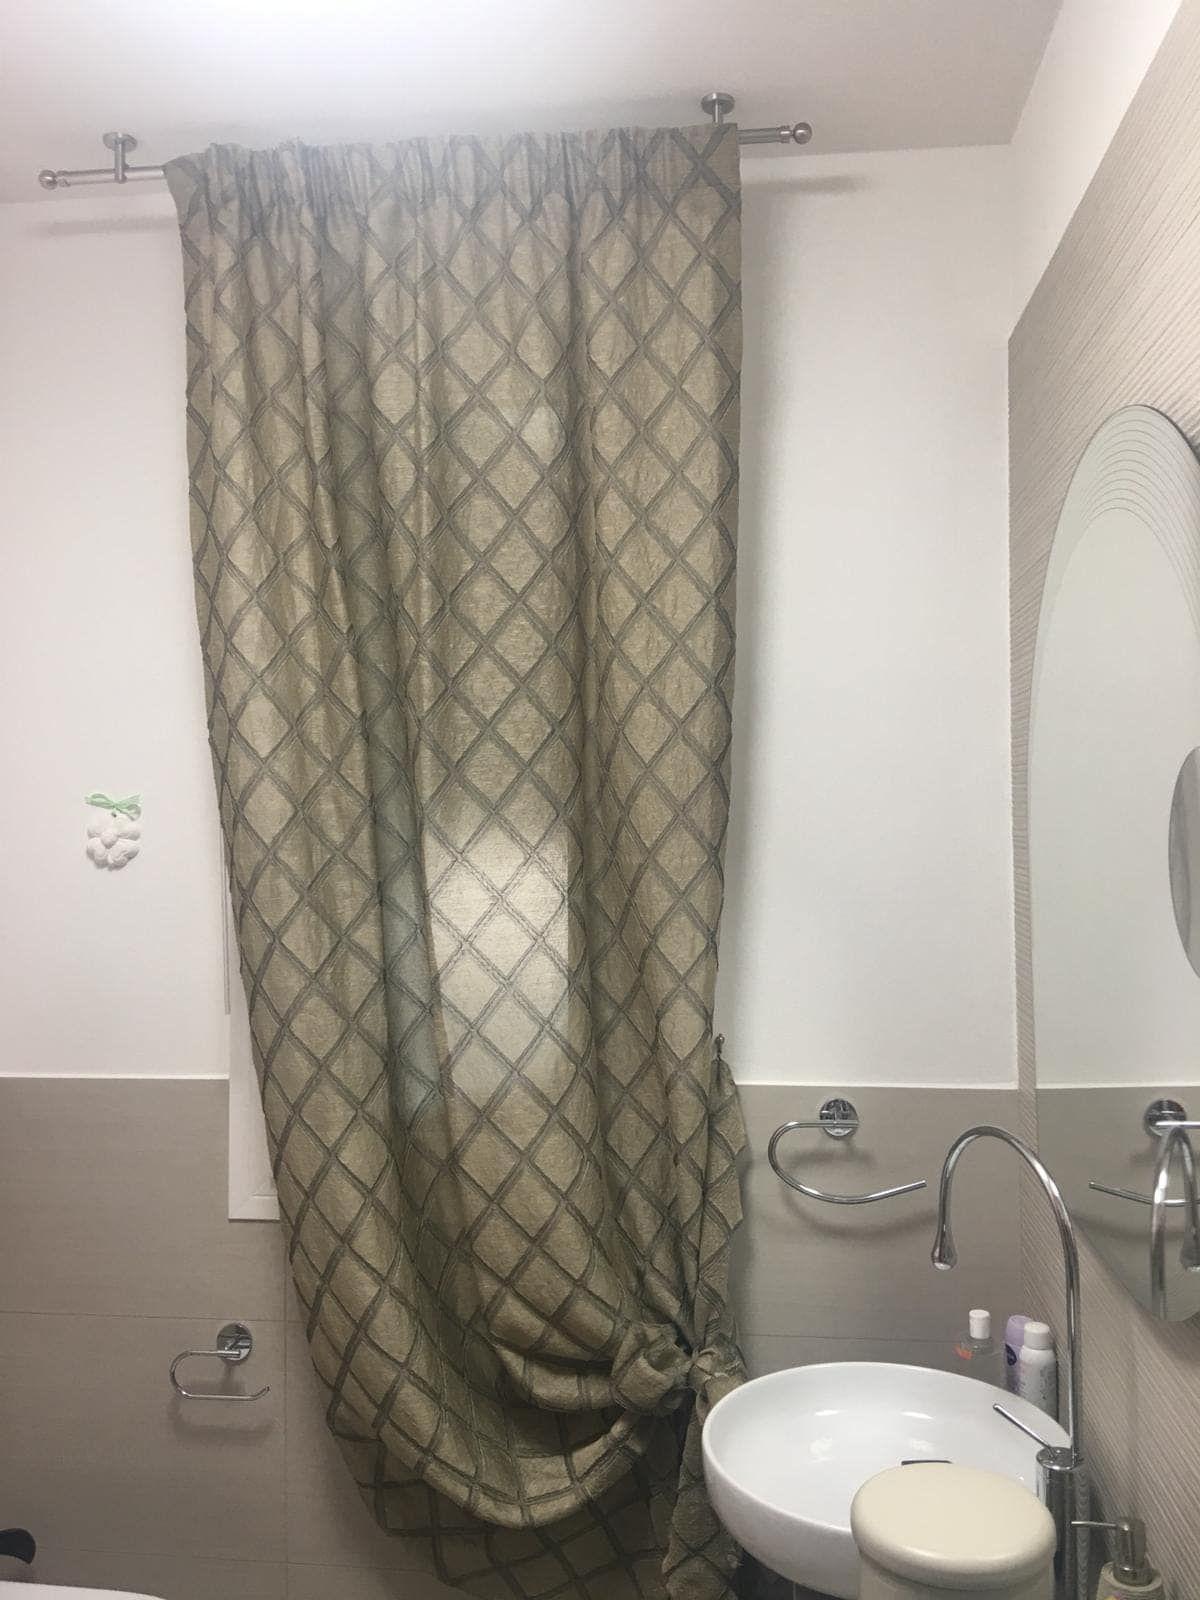 Modelli Tende Da Bagno tende per finestre del bagno: i modelli più pratici e belli